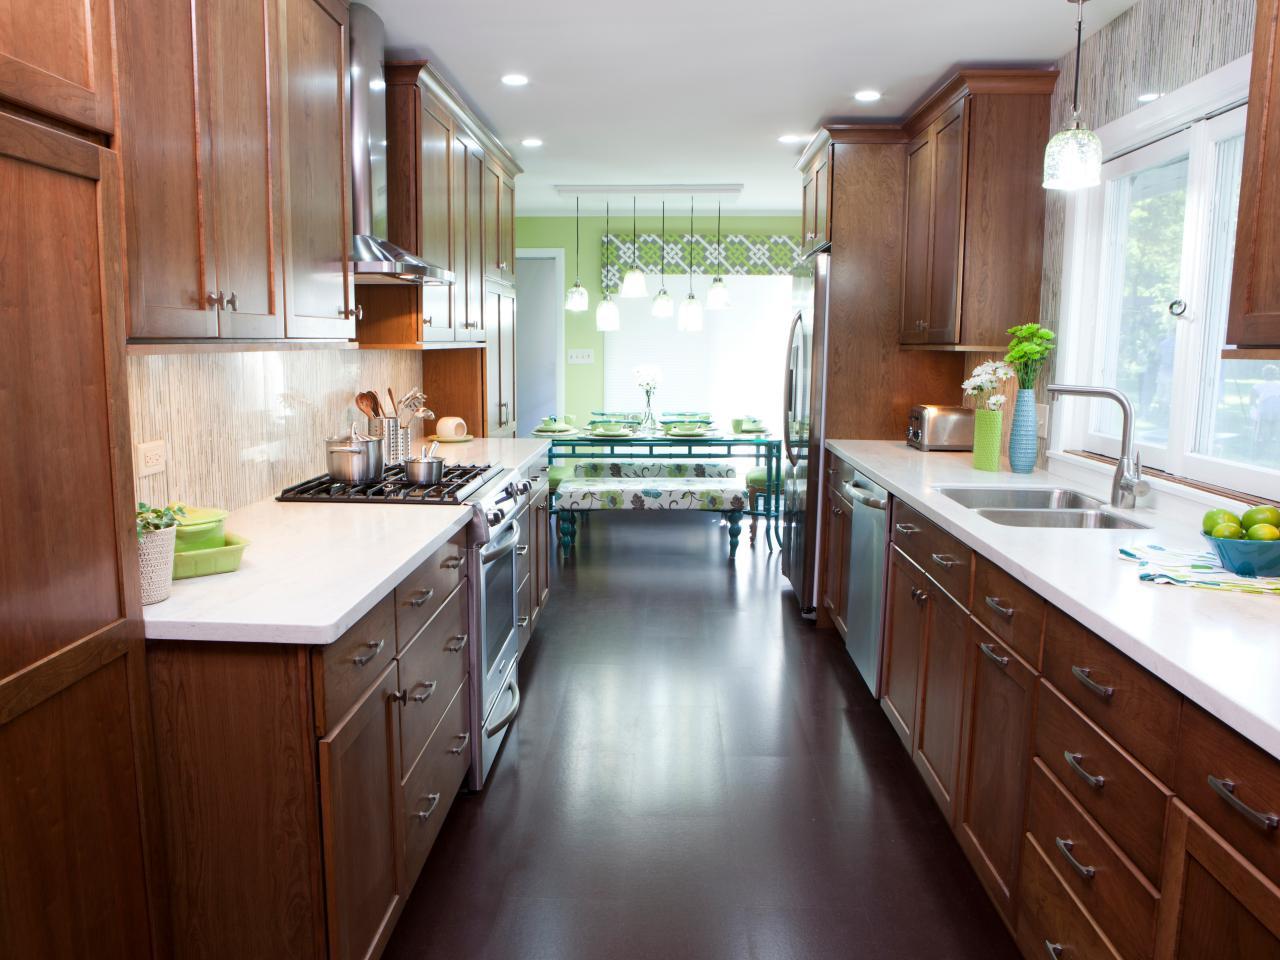 kitchen design ideas galley photo - 2